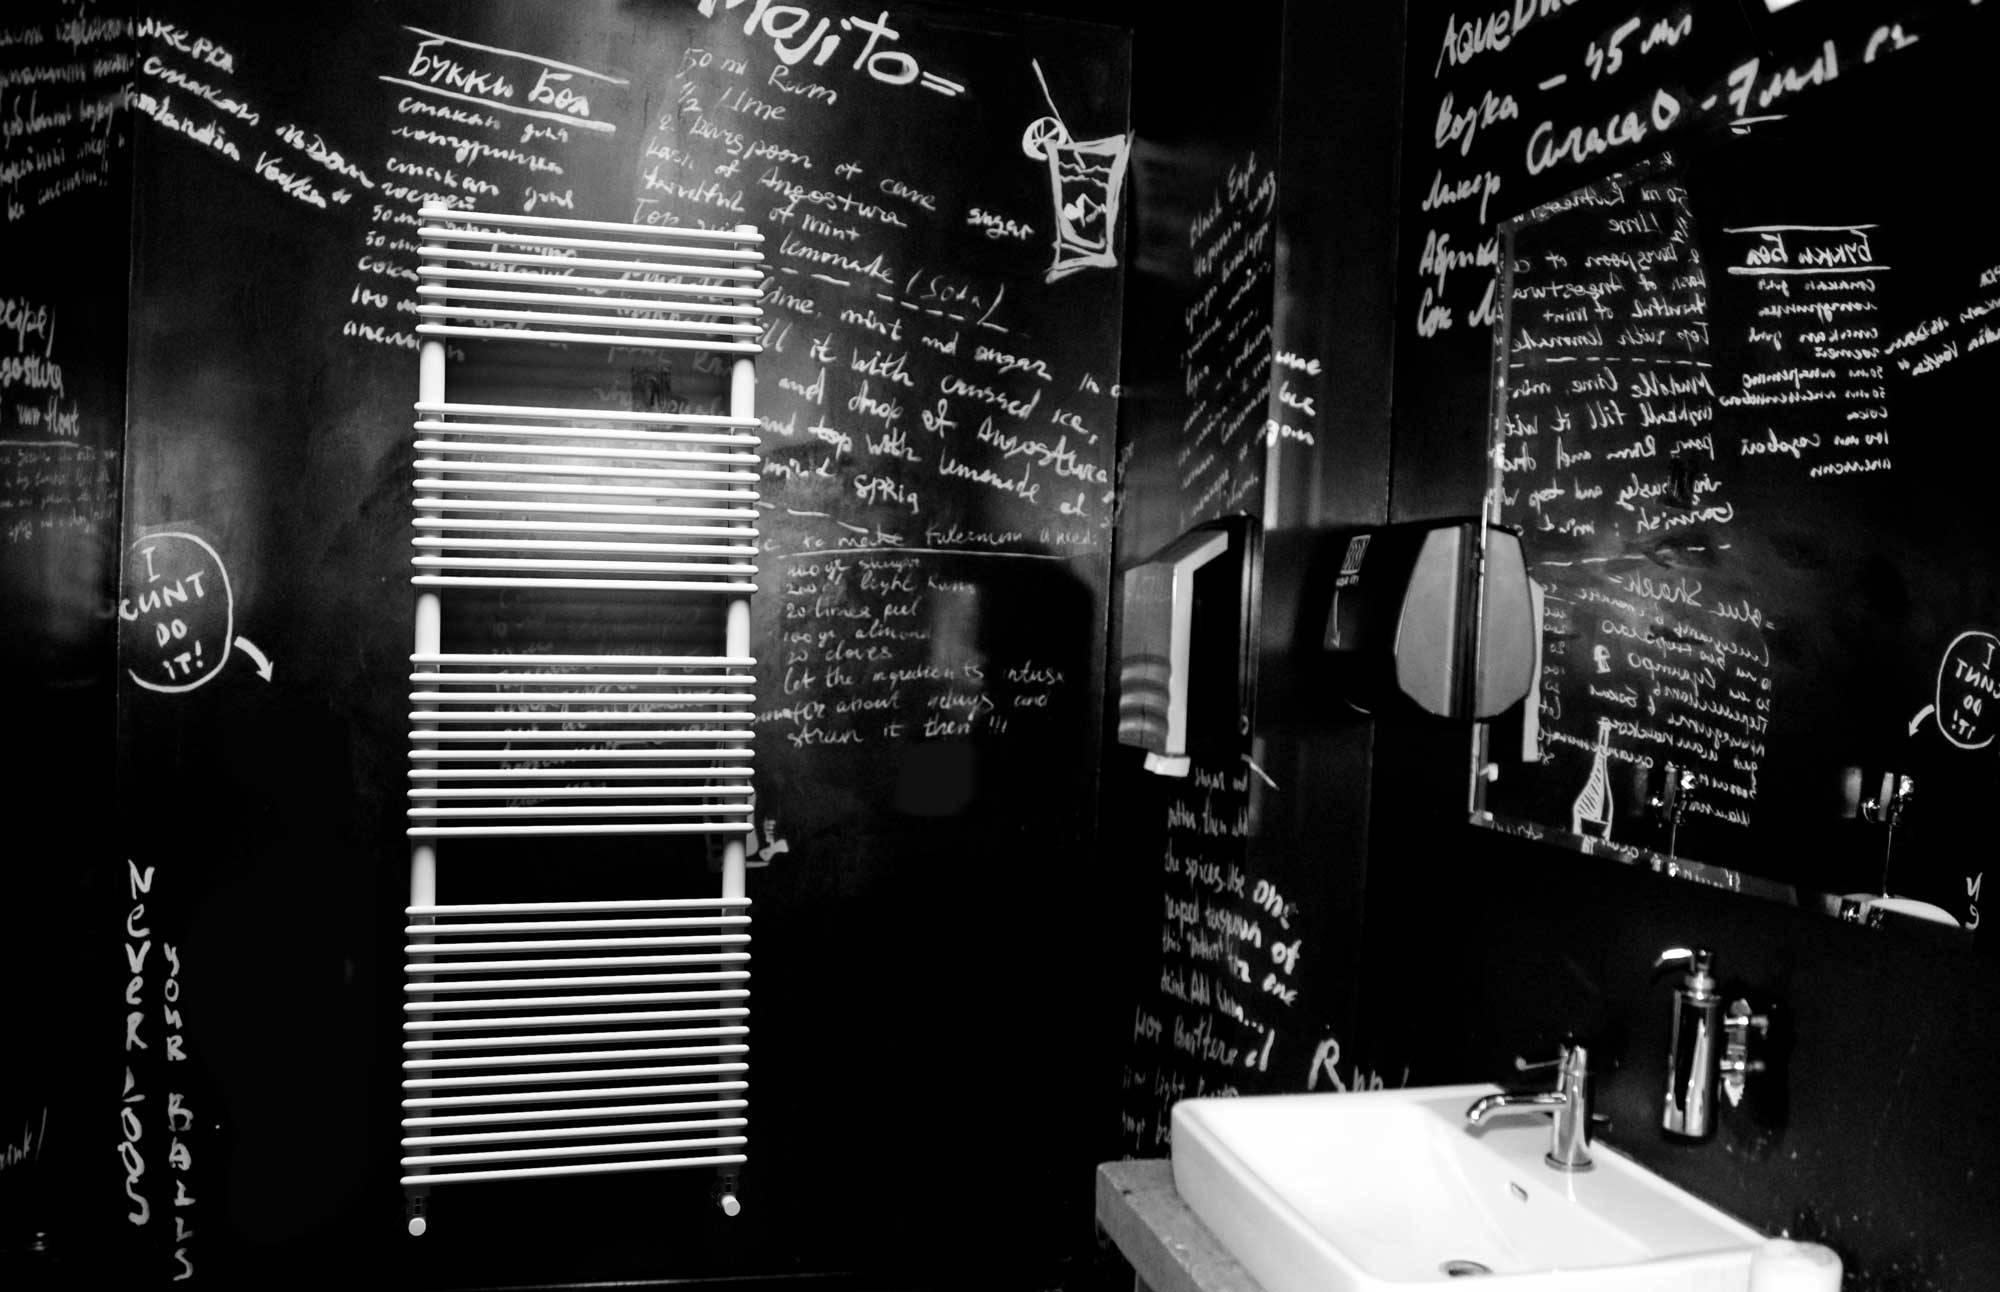 sèche-serviettes ragusa lazzarini blanc setting